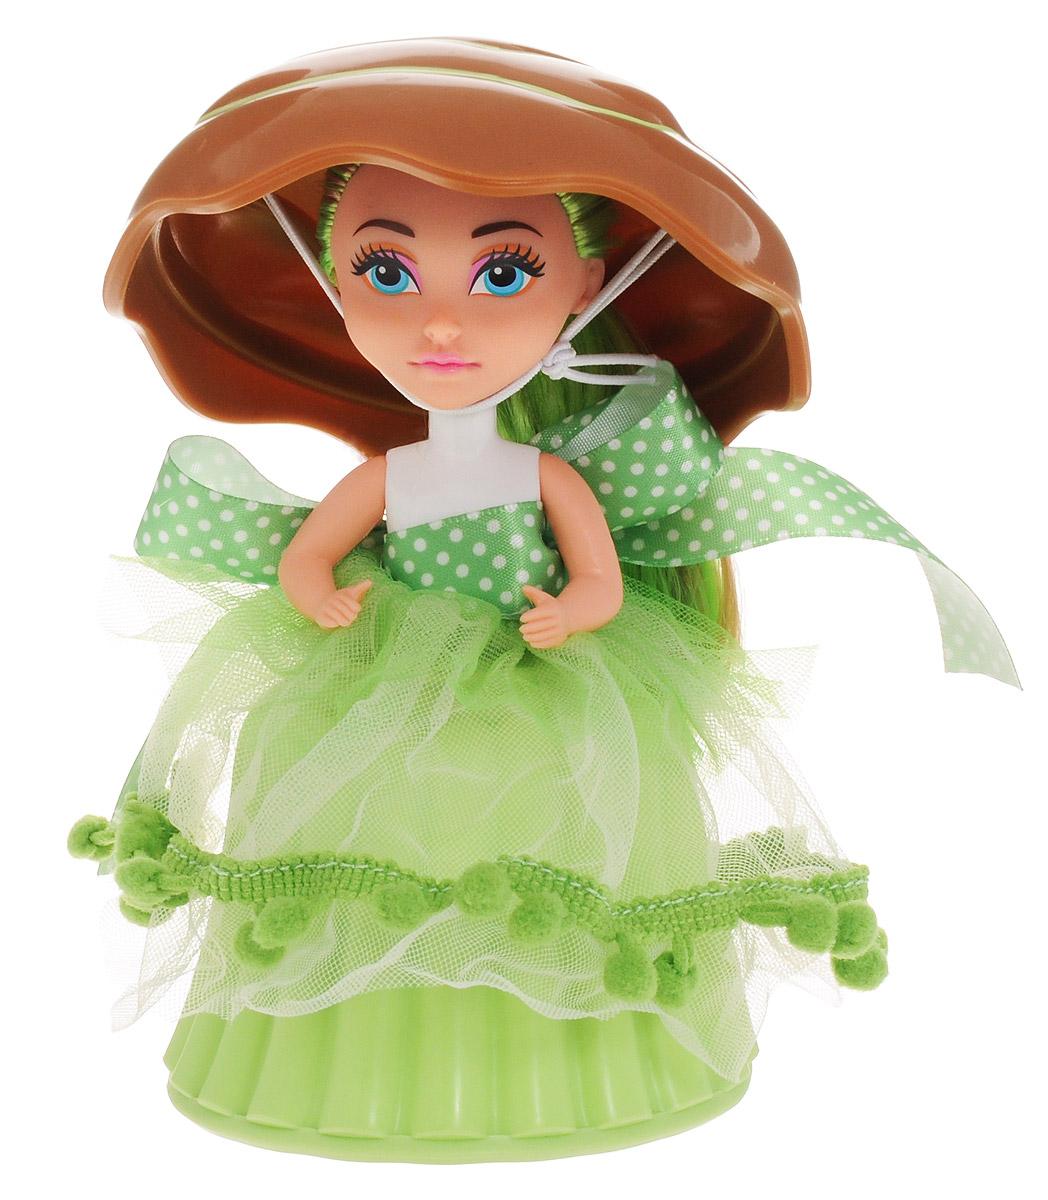 ABtoys Мини-кукла Сладкий сюрприз цвет коричневый салатовый